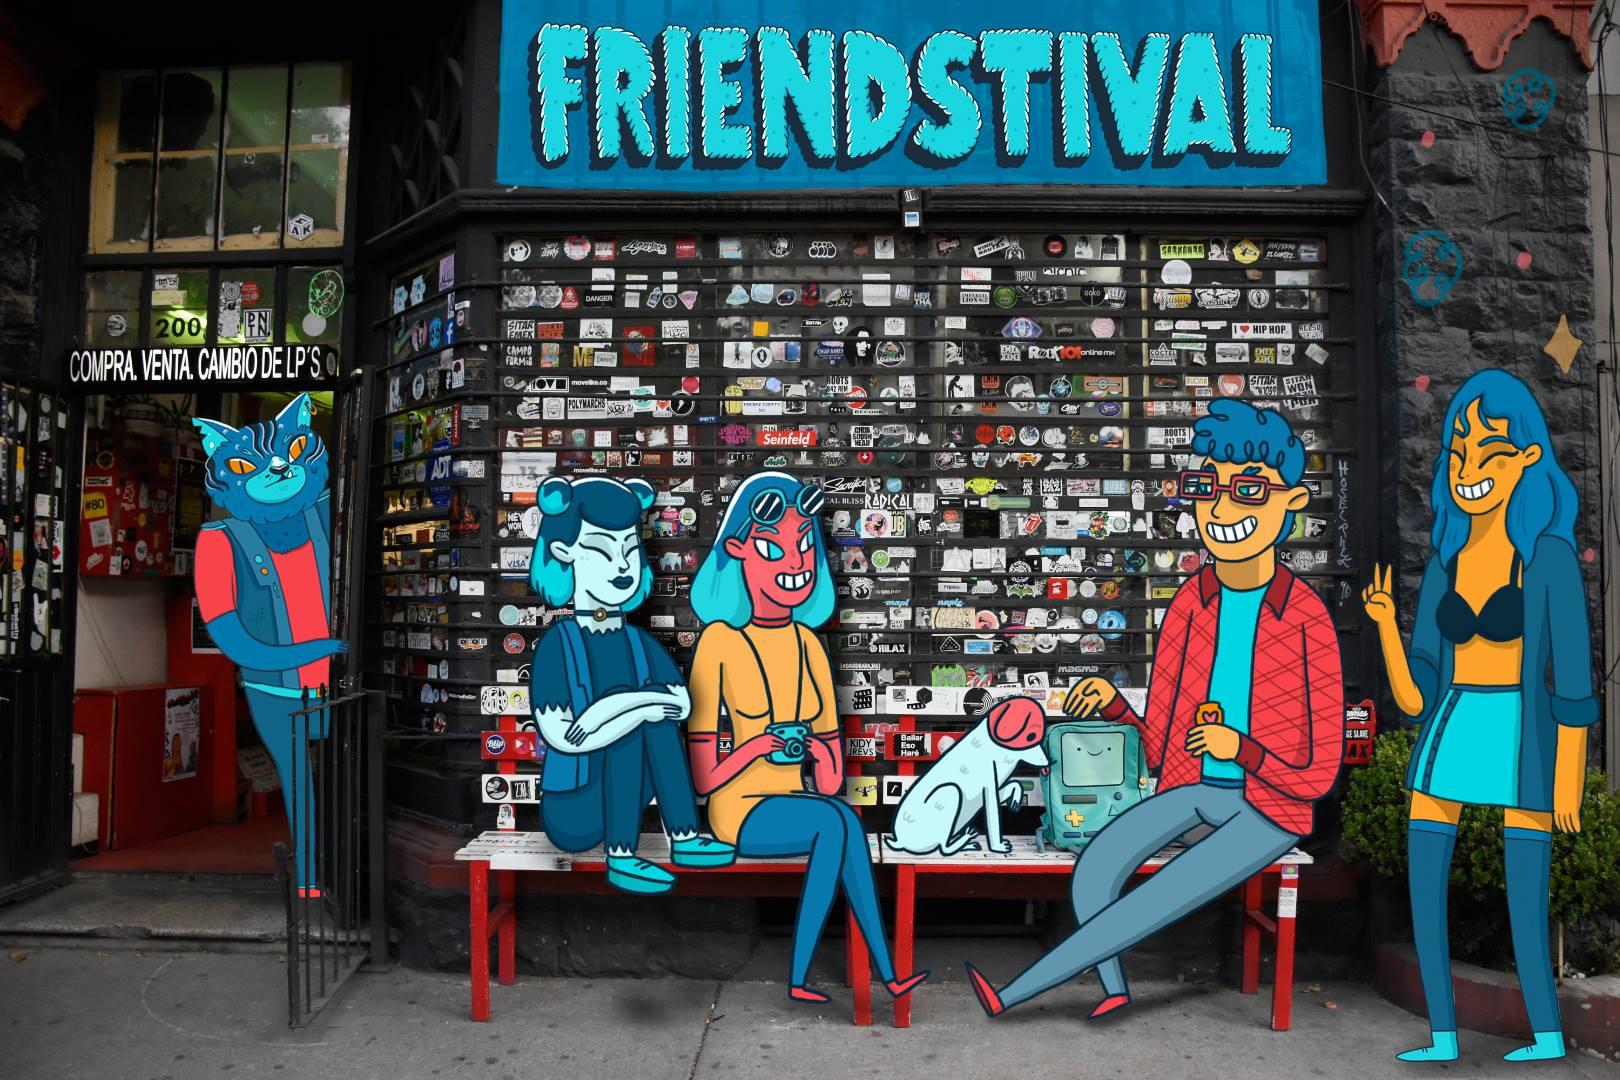 #FRIENDSTIVAL 2K17